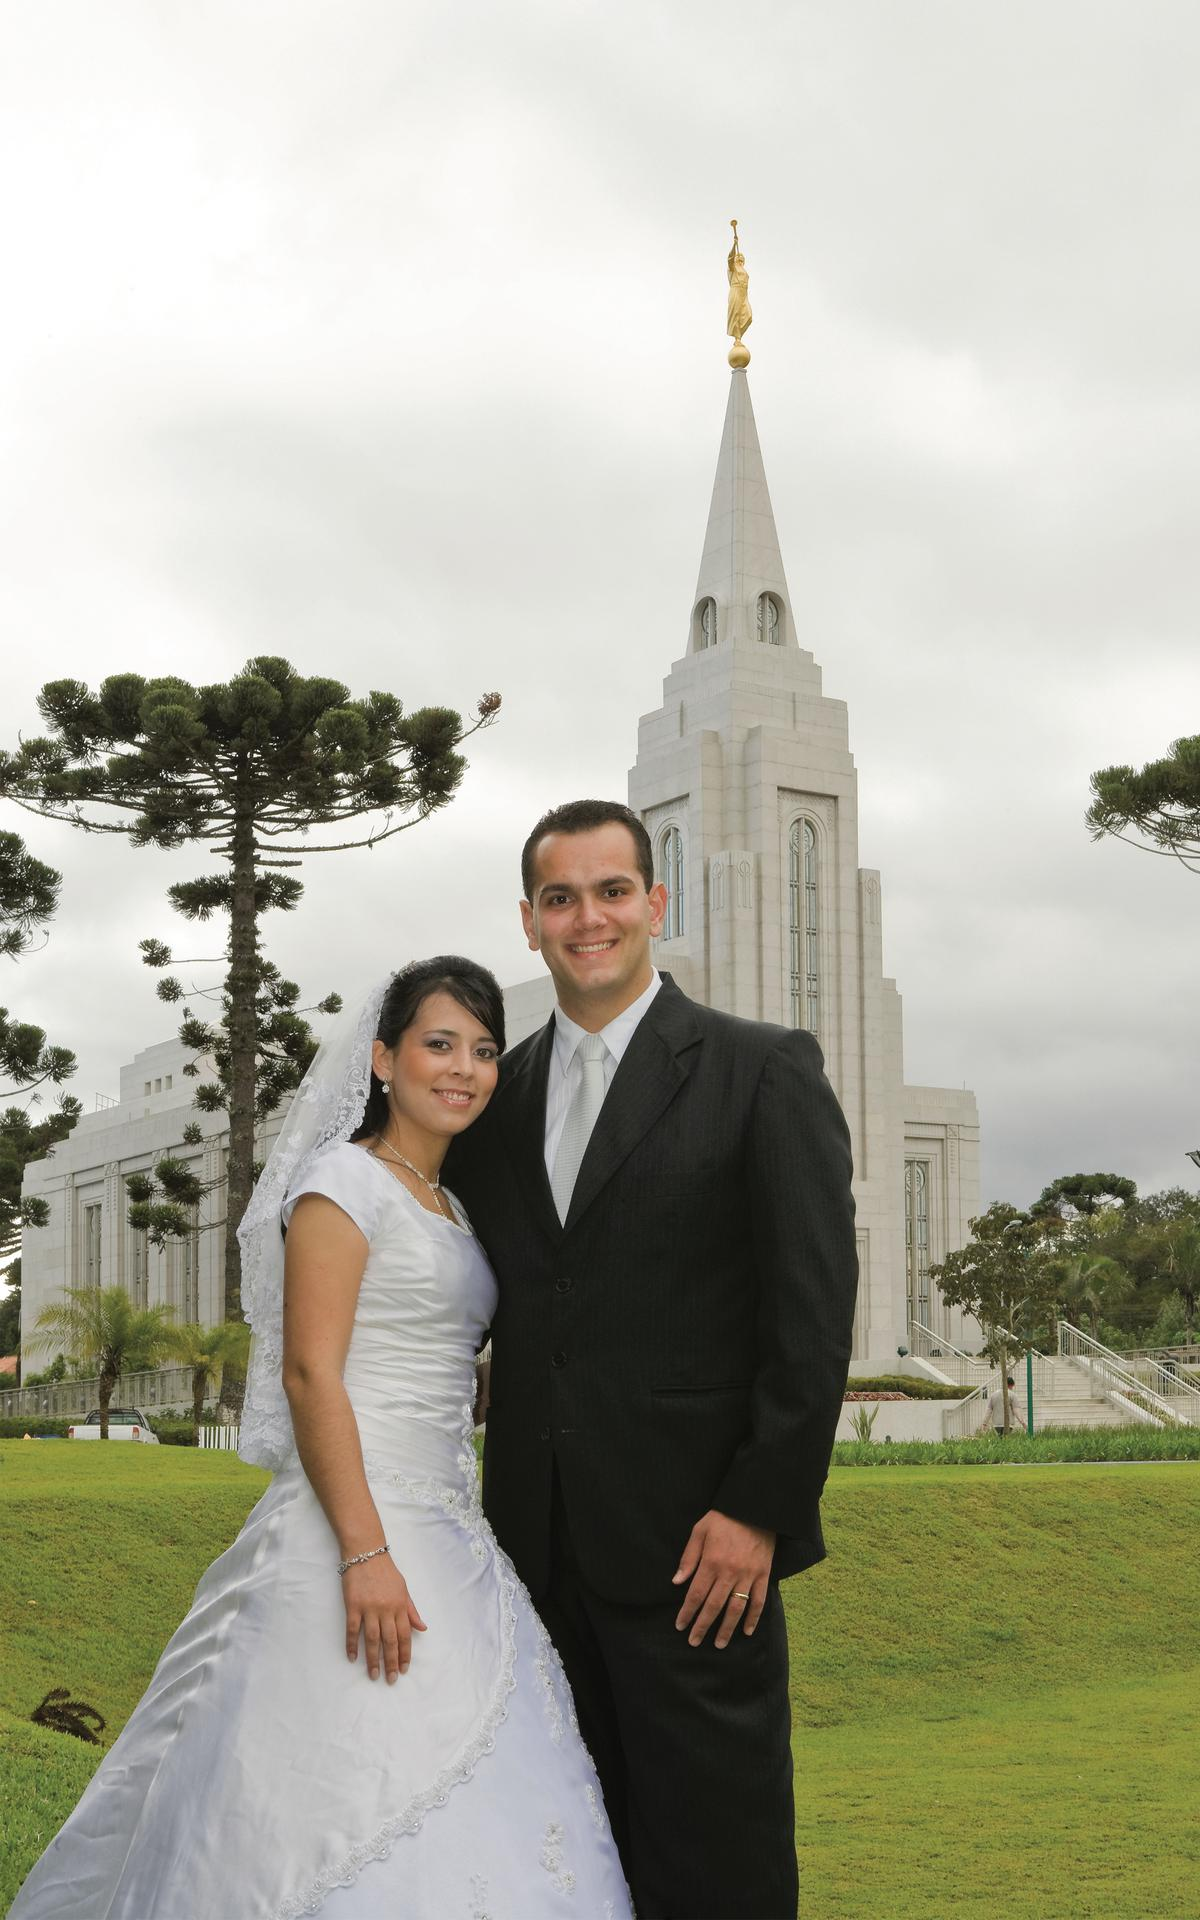 Uma noiva e noive no Templo da Igreja de Jesus Cristo em Curitiba. Uma nova família começa quando um homem e uma mulher se casam. Relacionamentos familiares são fortalecidos pela devoção a Jesus Cristo.